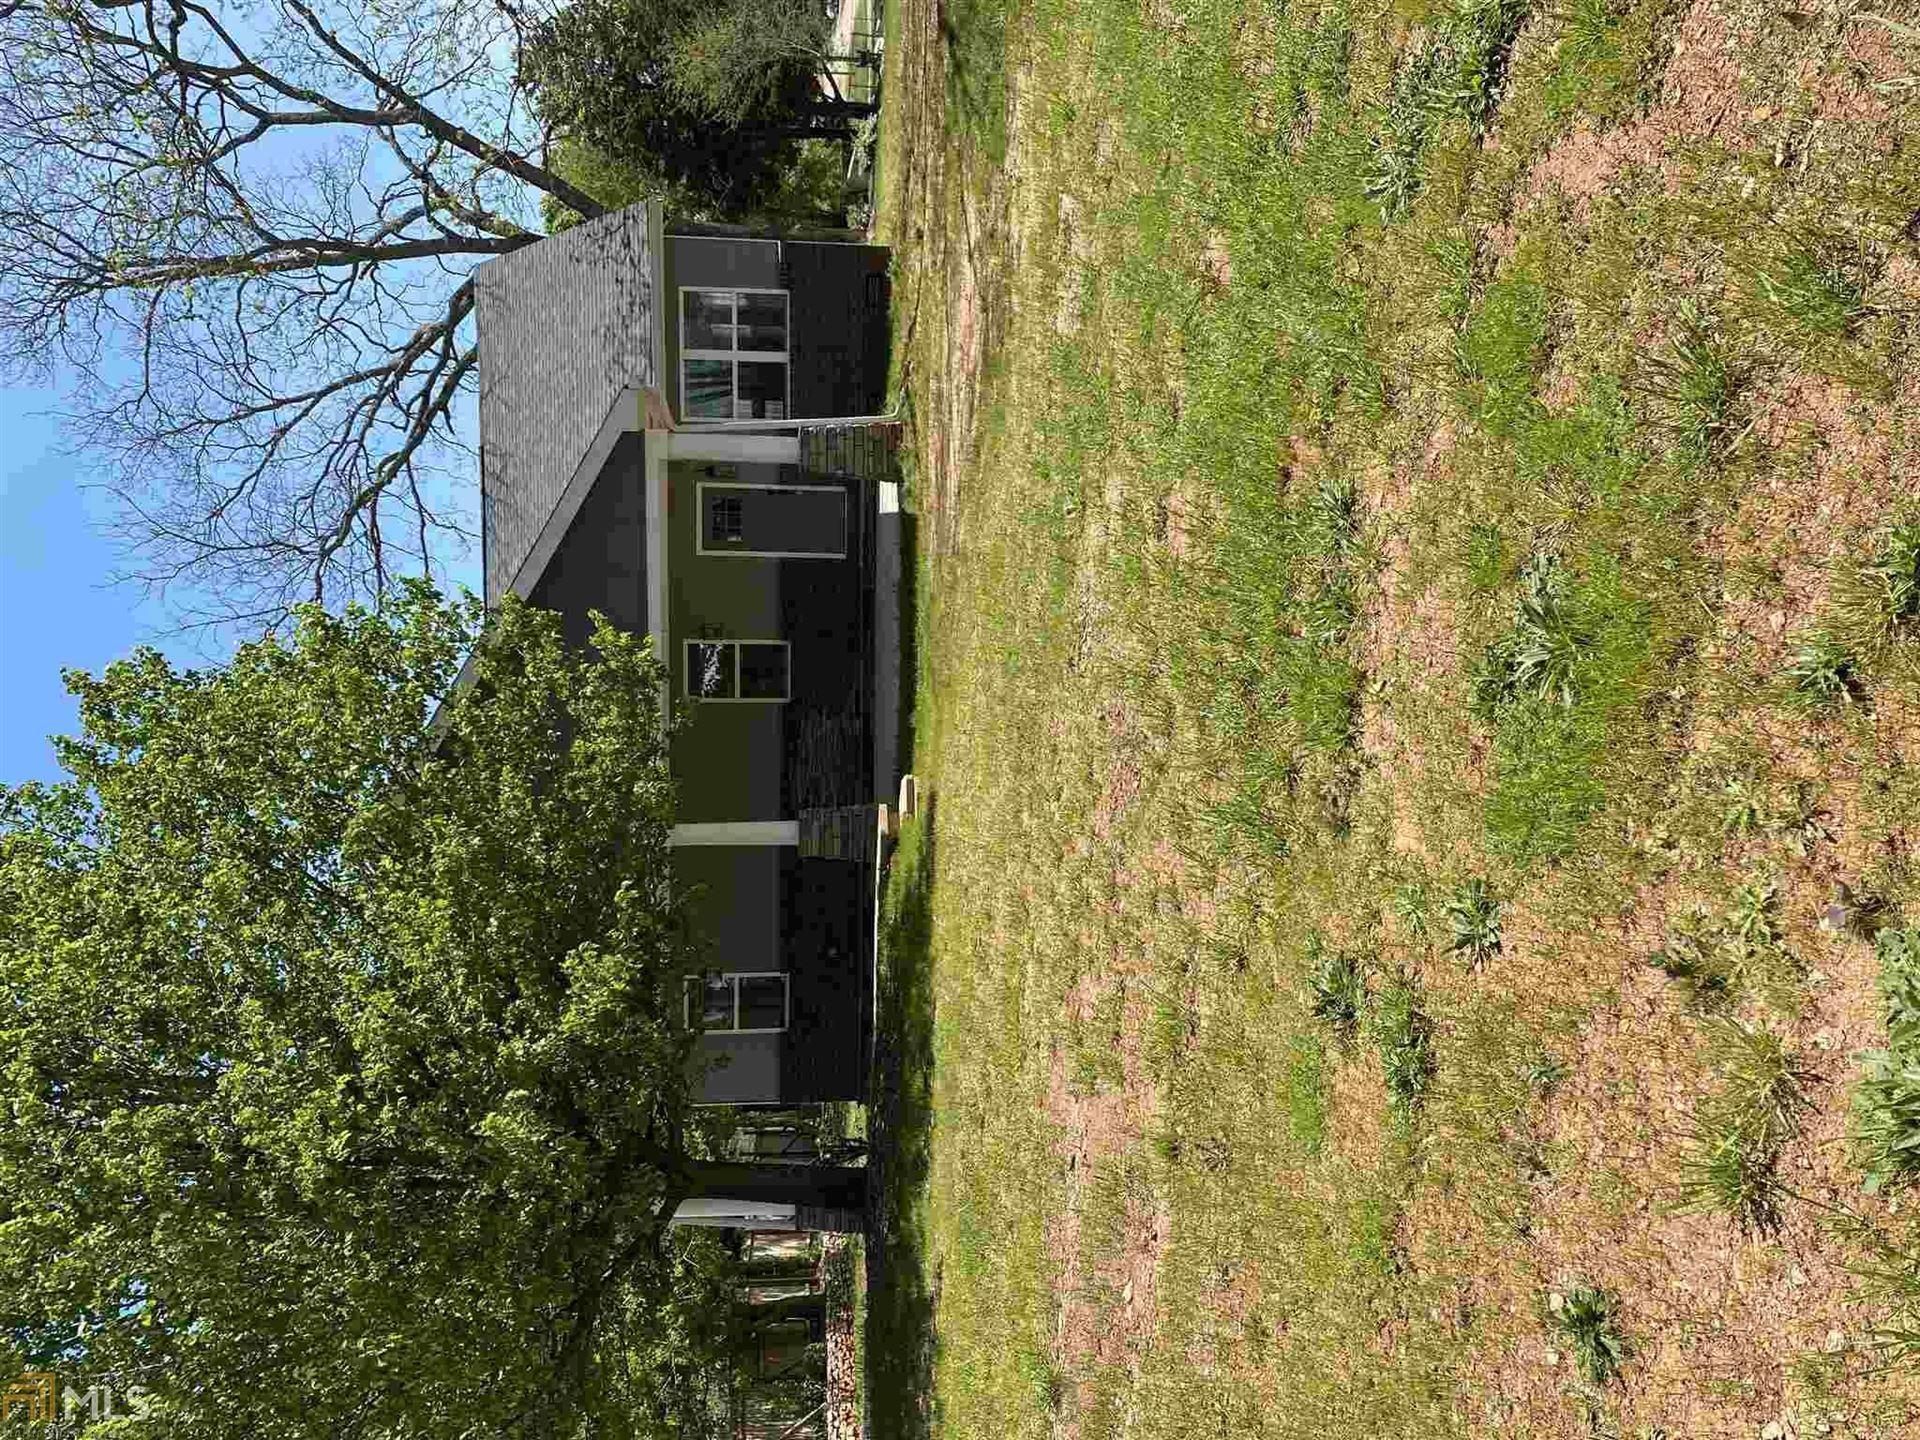 485 Shaw Rd, Sharpsburg, GA 30277 - #: 8958760